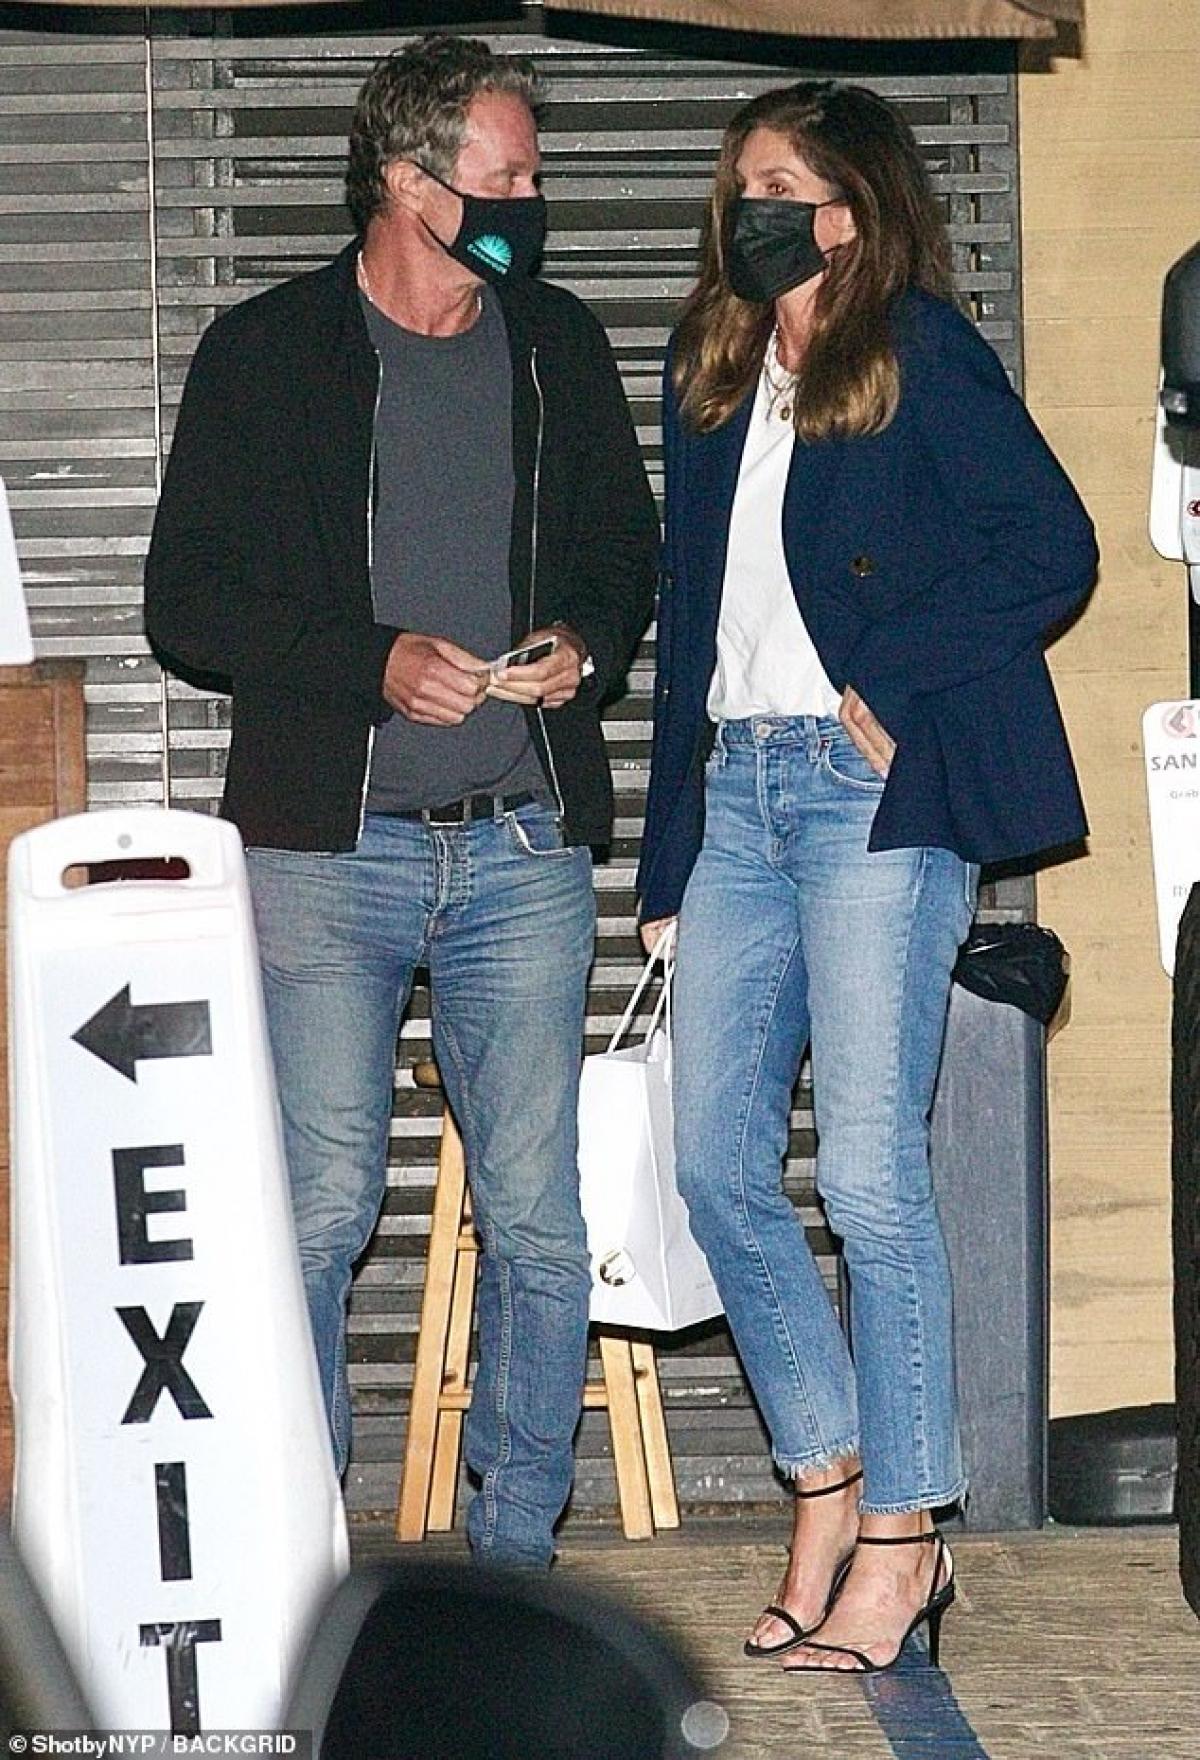 Cindy Crawford và ông xã Rande Gerber kết hôn năm 1998, đã có 23 năm hạnh phúc nhưng vẫn luôn dành cho nhau những cử chỉ ngọt ngào nhất.